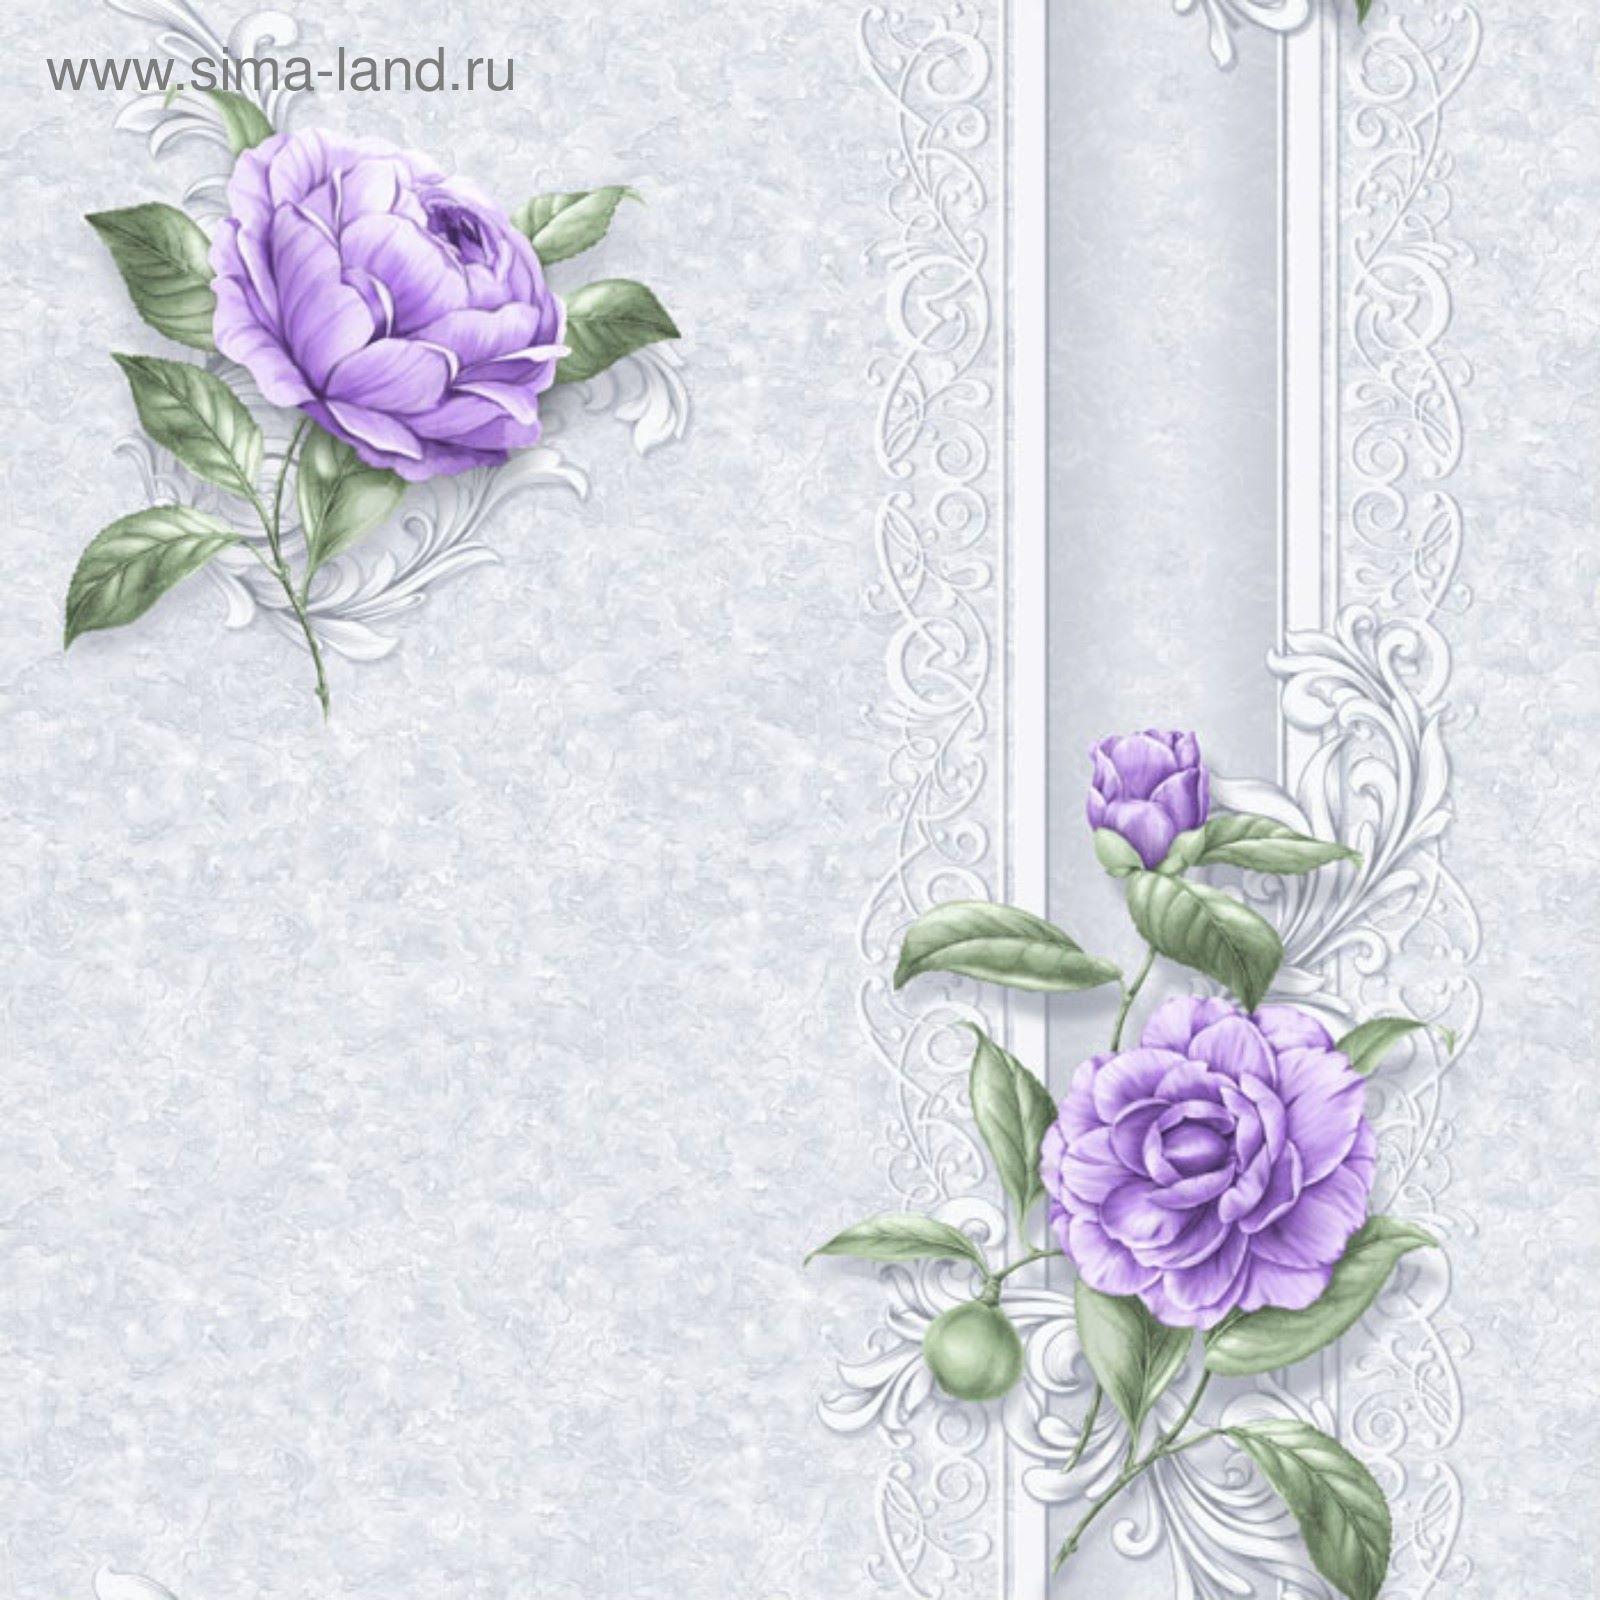 Где купить цветы саратов обои — 11